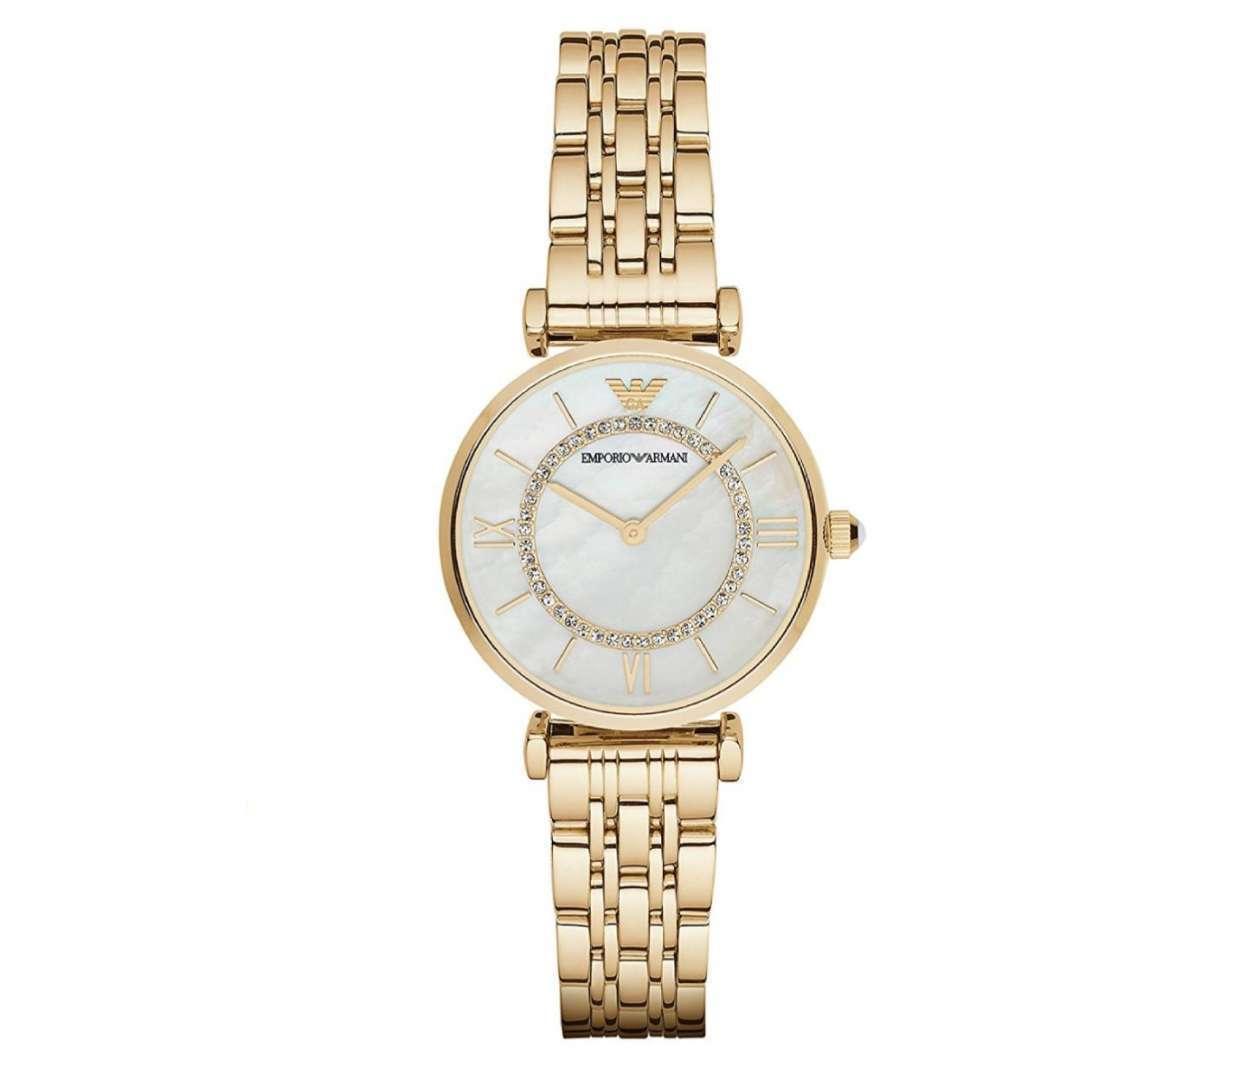 שעון יד אנלוגי לאישה emporio armani ar1907 אמפוריו ארמני